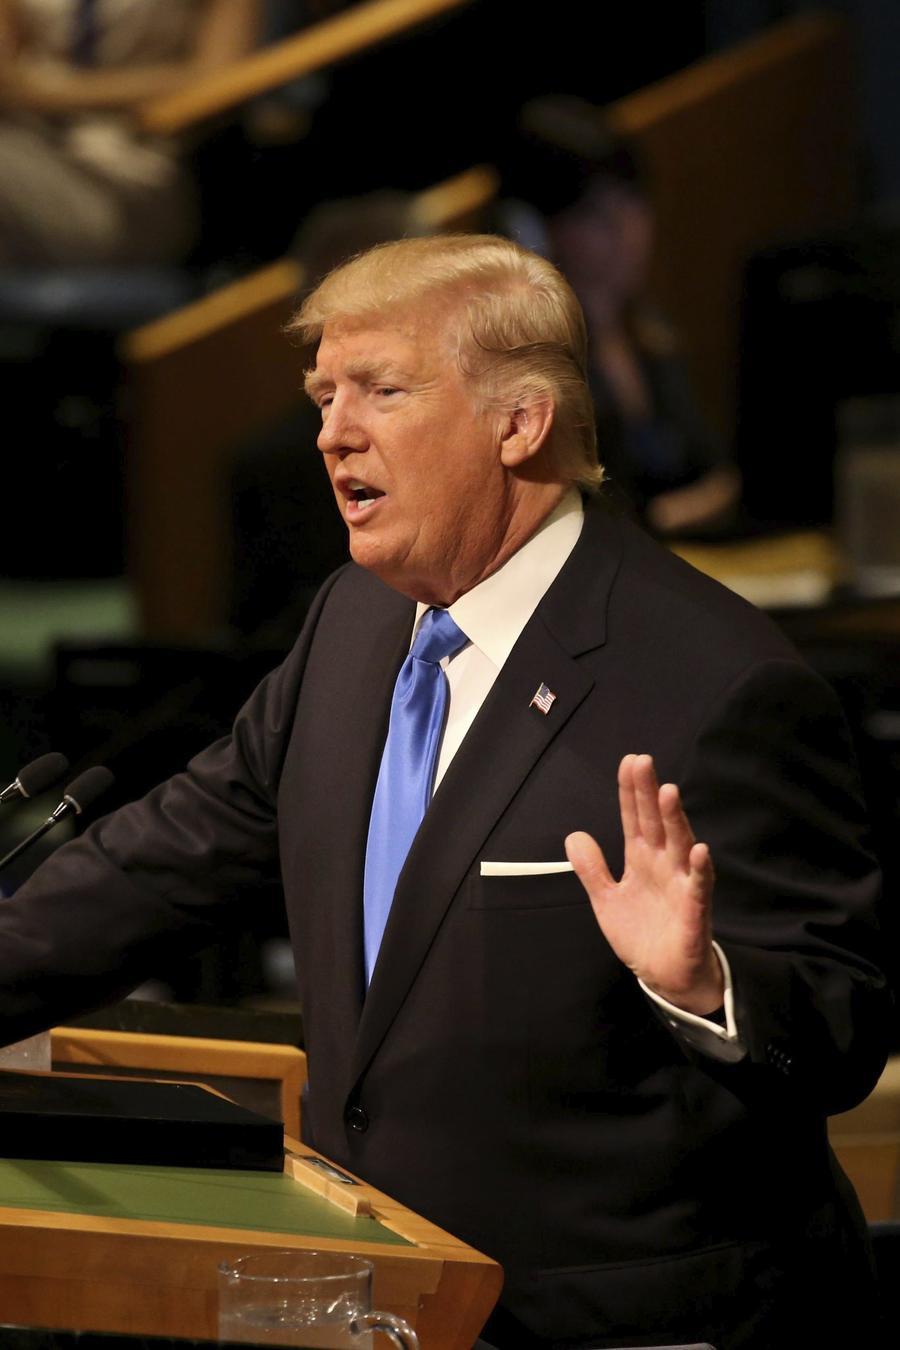 El presidente de Estados Unidos, Donald Trump, ofrece un discurso de apertura del debate de alto nivel de la Asamblea General de la ONU, en su sede en Nueva York (Estados Unidos) el 19 de septiembre de 2017. EFE/Peter Foley